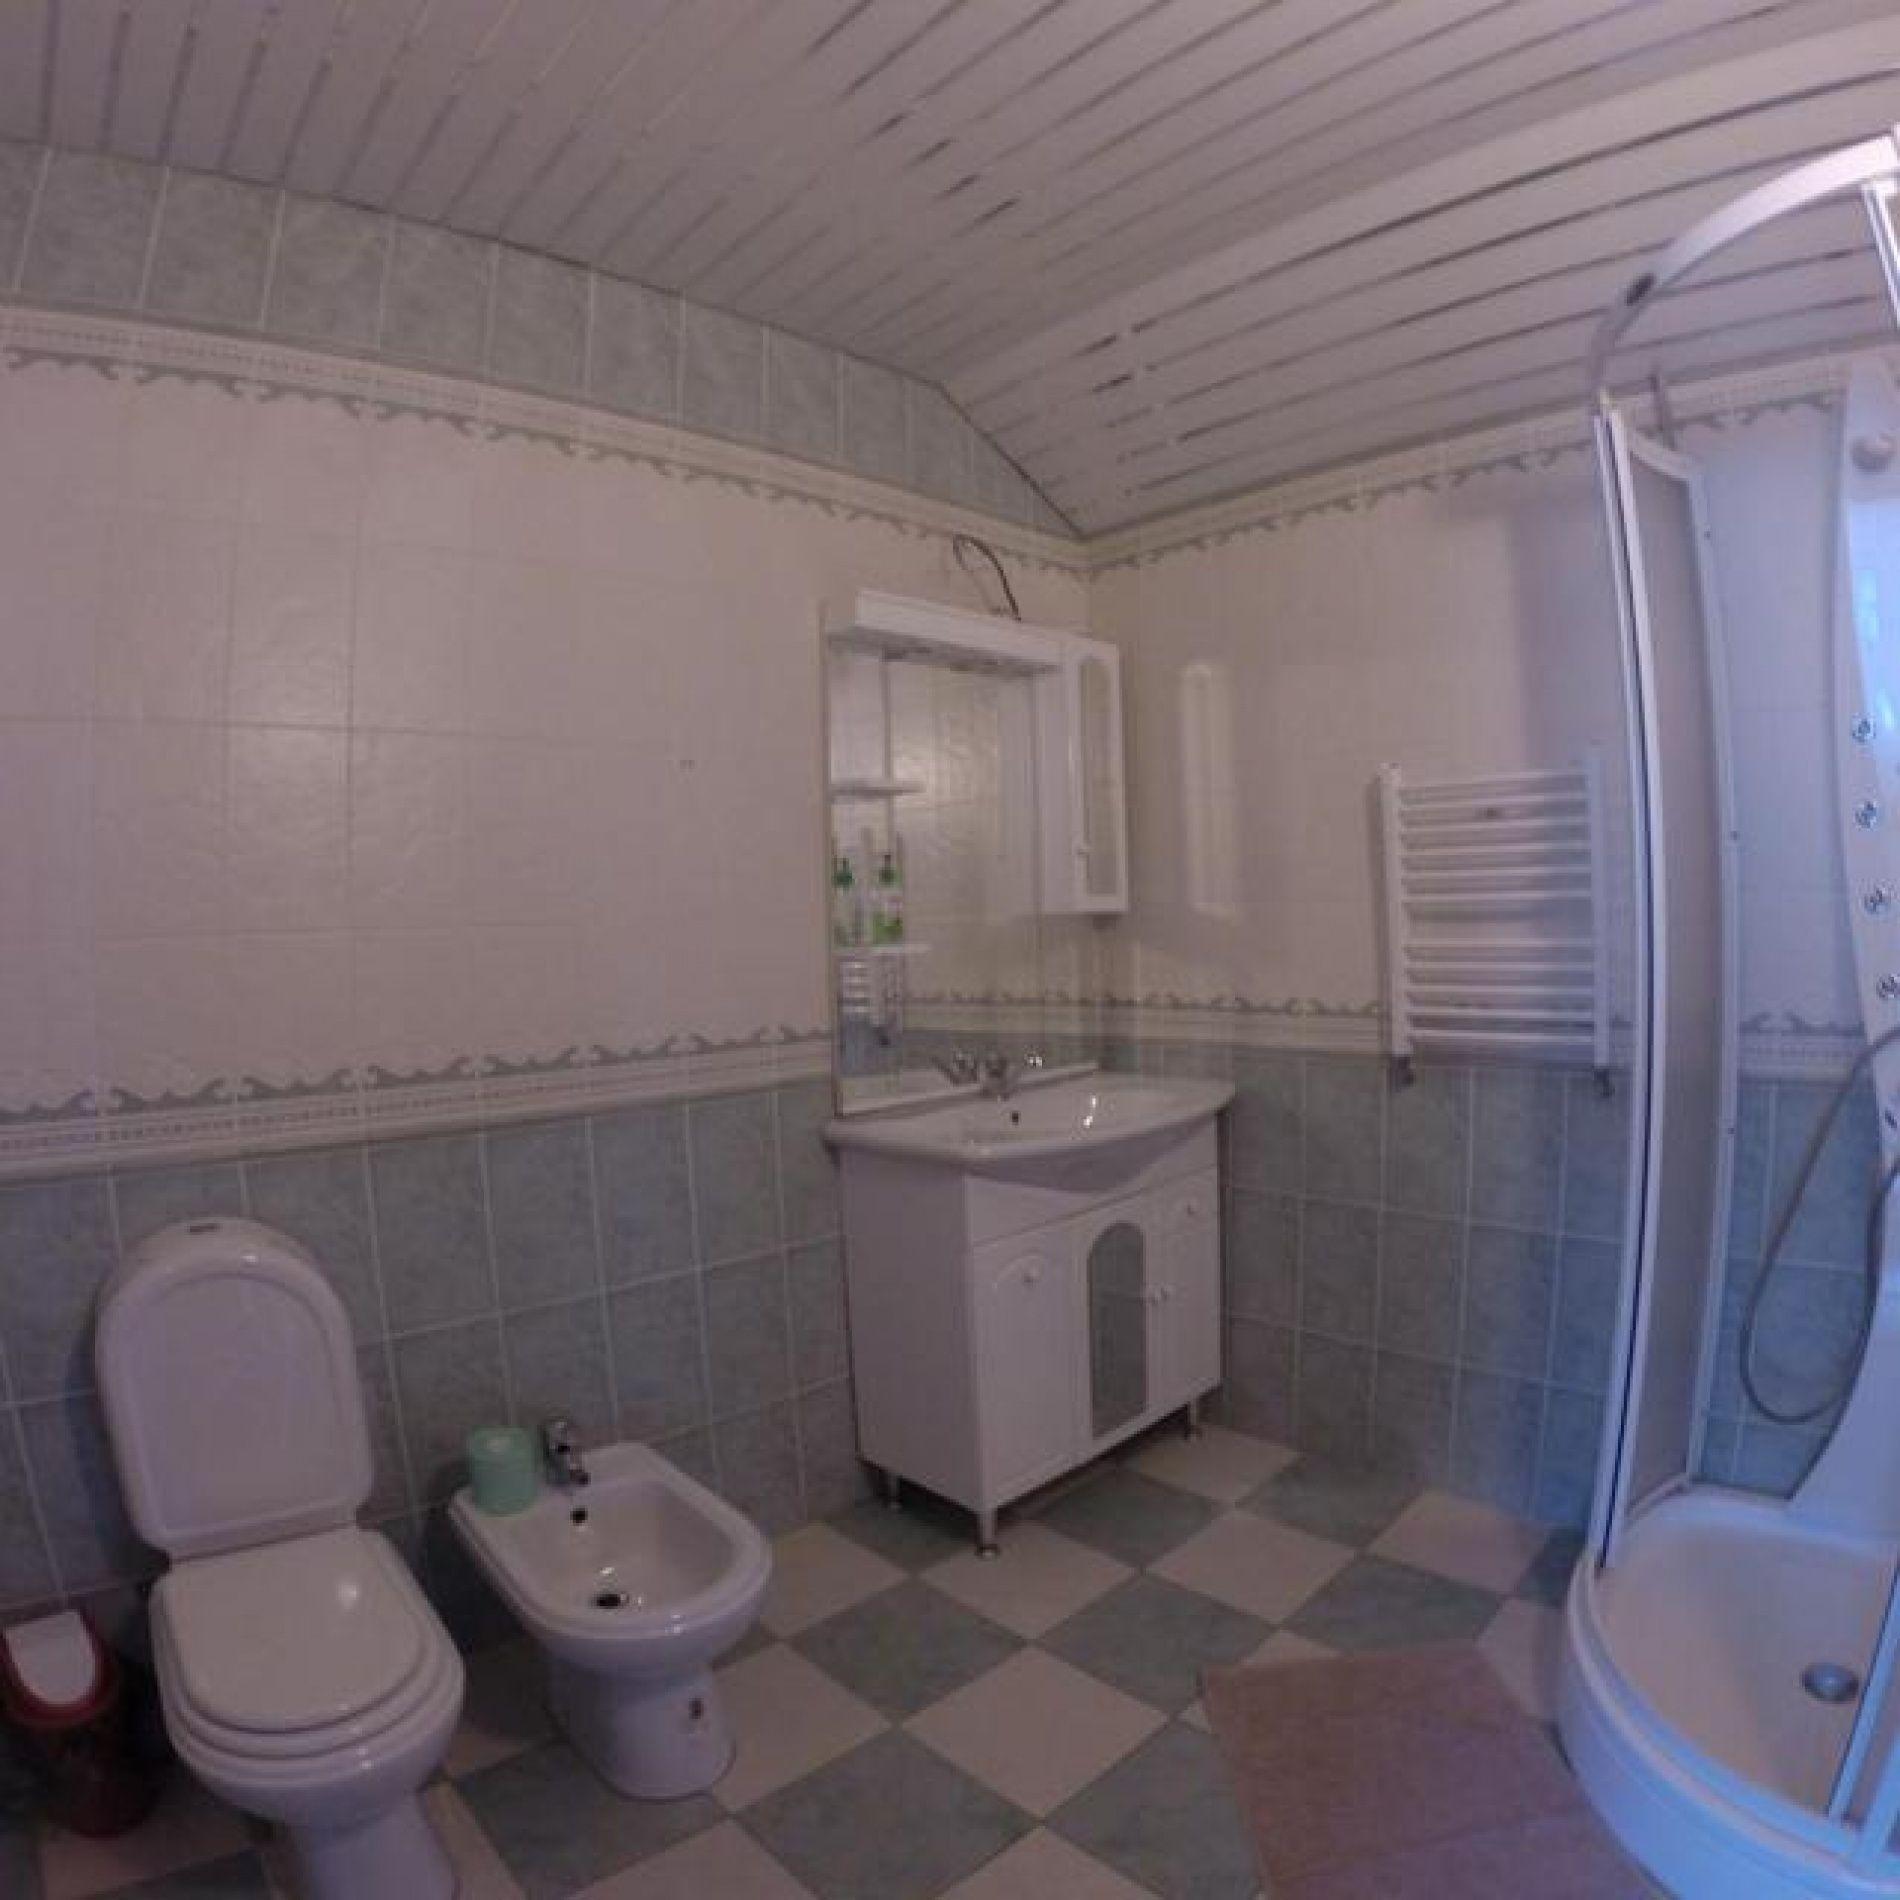 """Гостиница """"Гоначхир"""" Карачаево-Черкесская Республика Молодежный номер 2-х этажный, 2-х комнатный с камином, фото 4"""